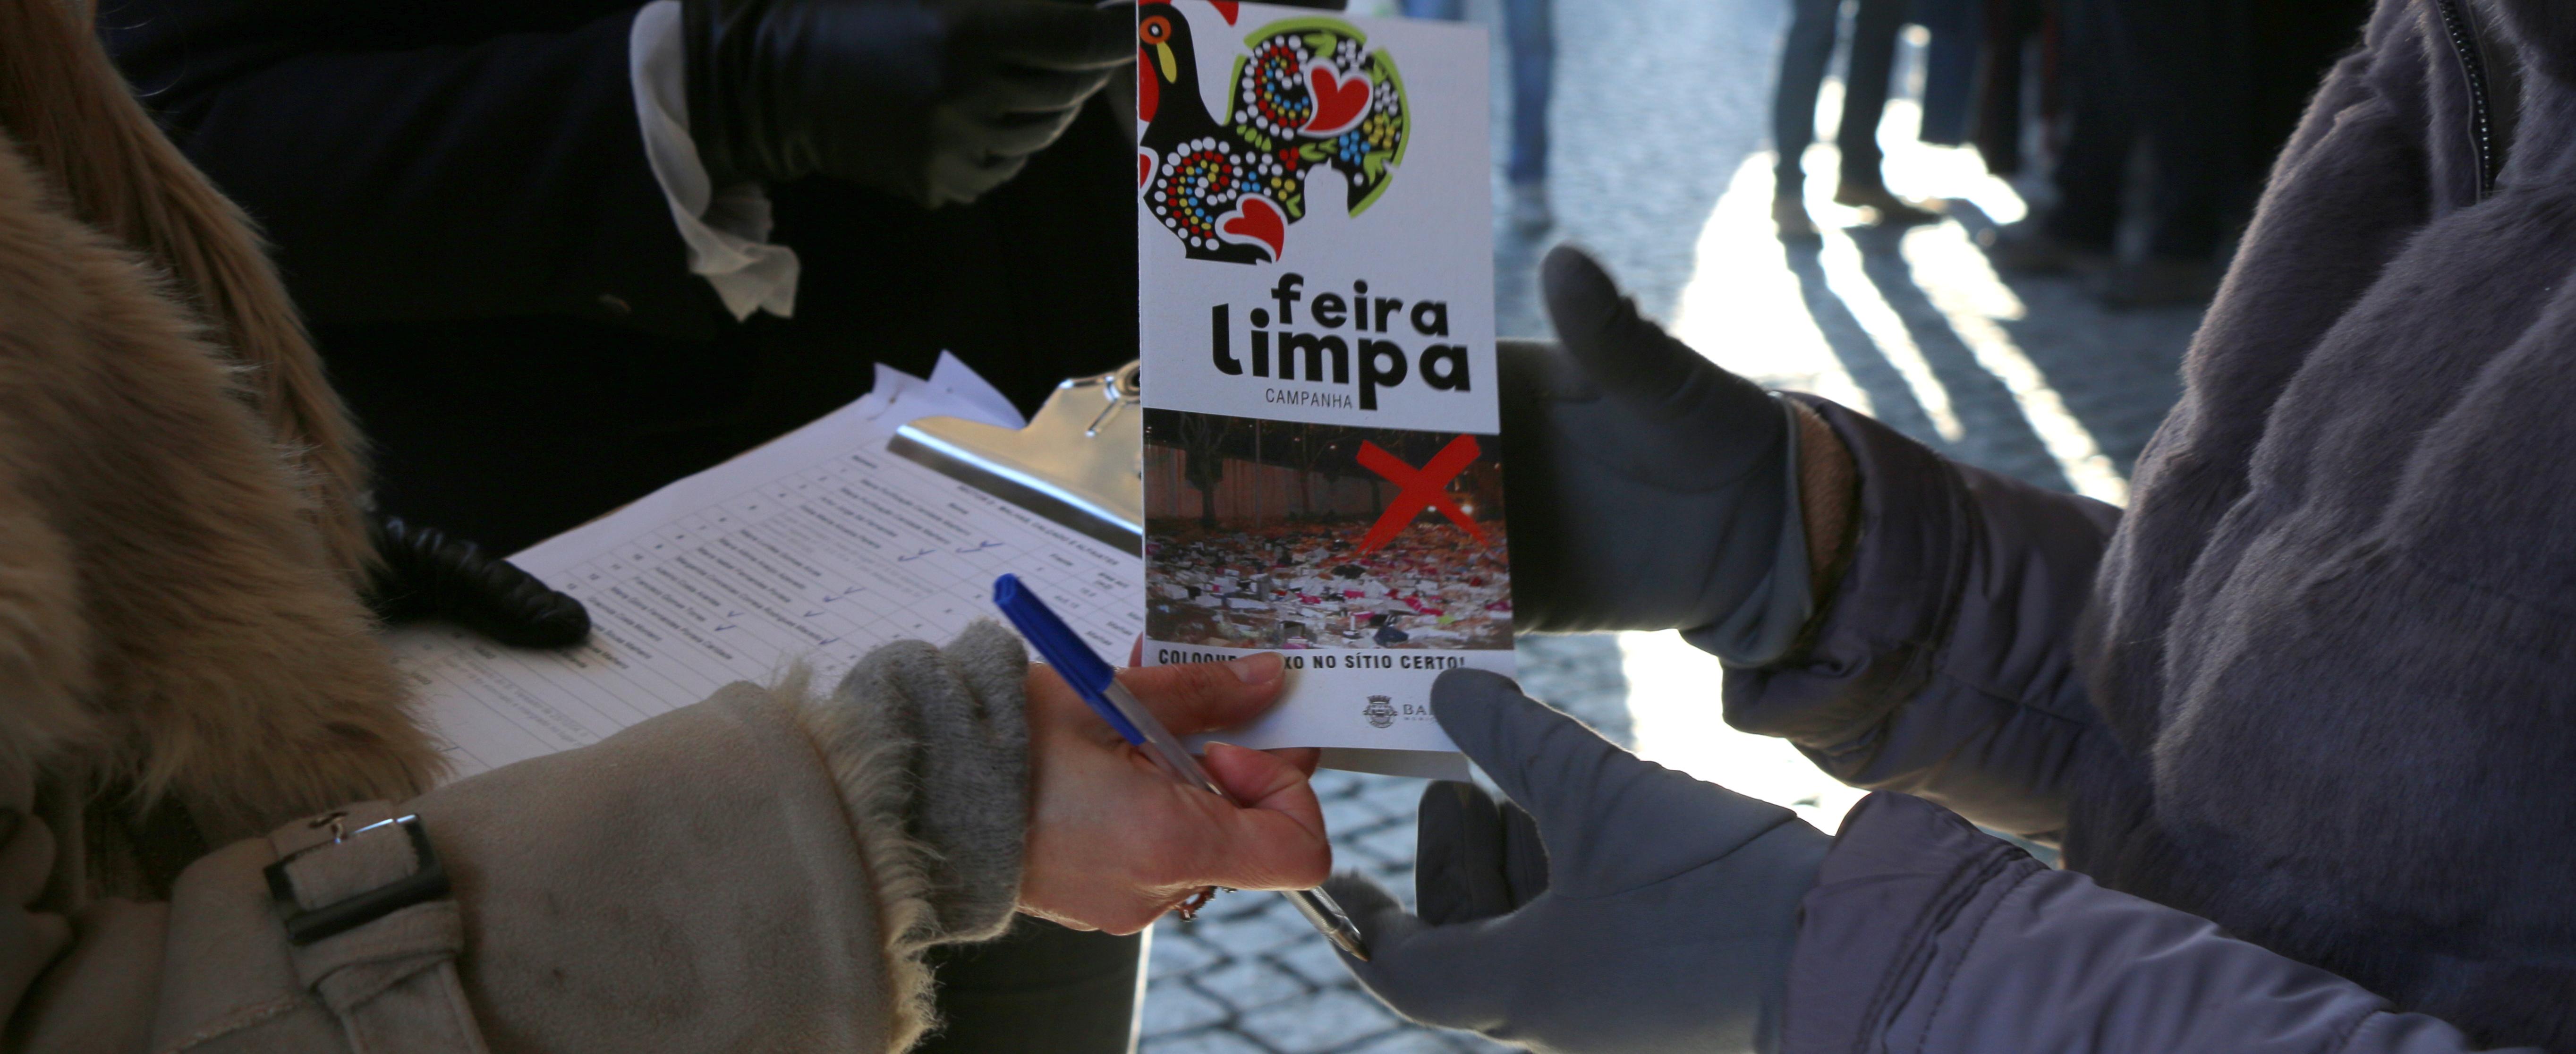 Ação de sensibilização ambiental junto dos feirantes